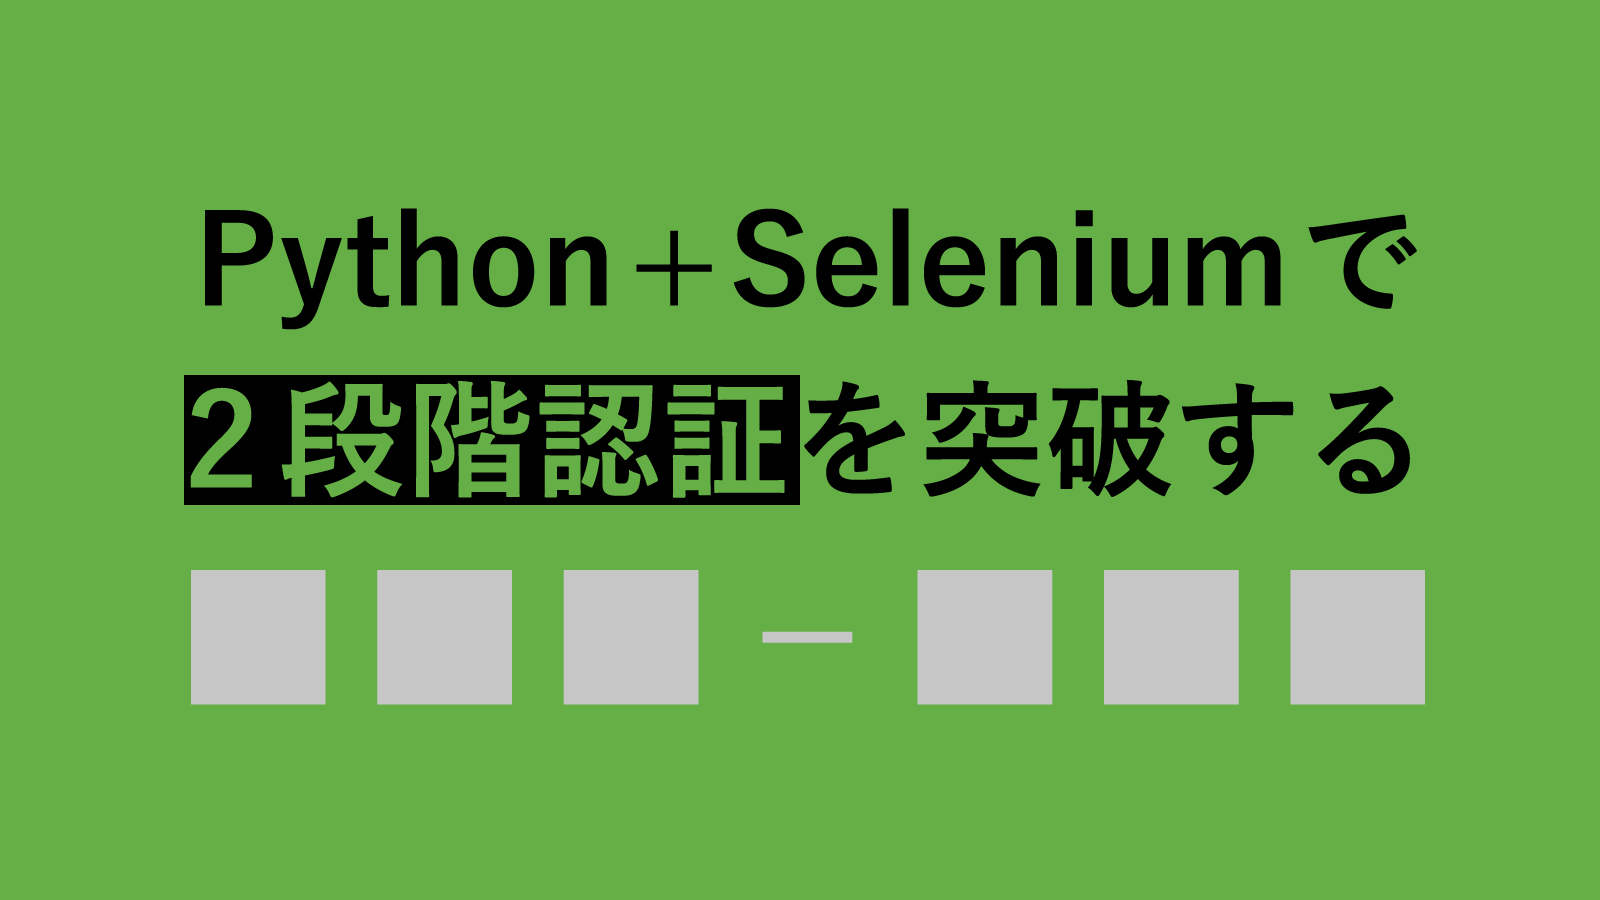 Python+Seleniumで2段階認証(6桁のパスコード)を突破する全手順